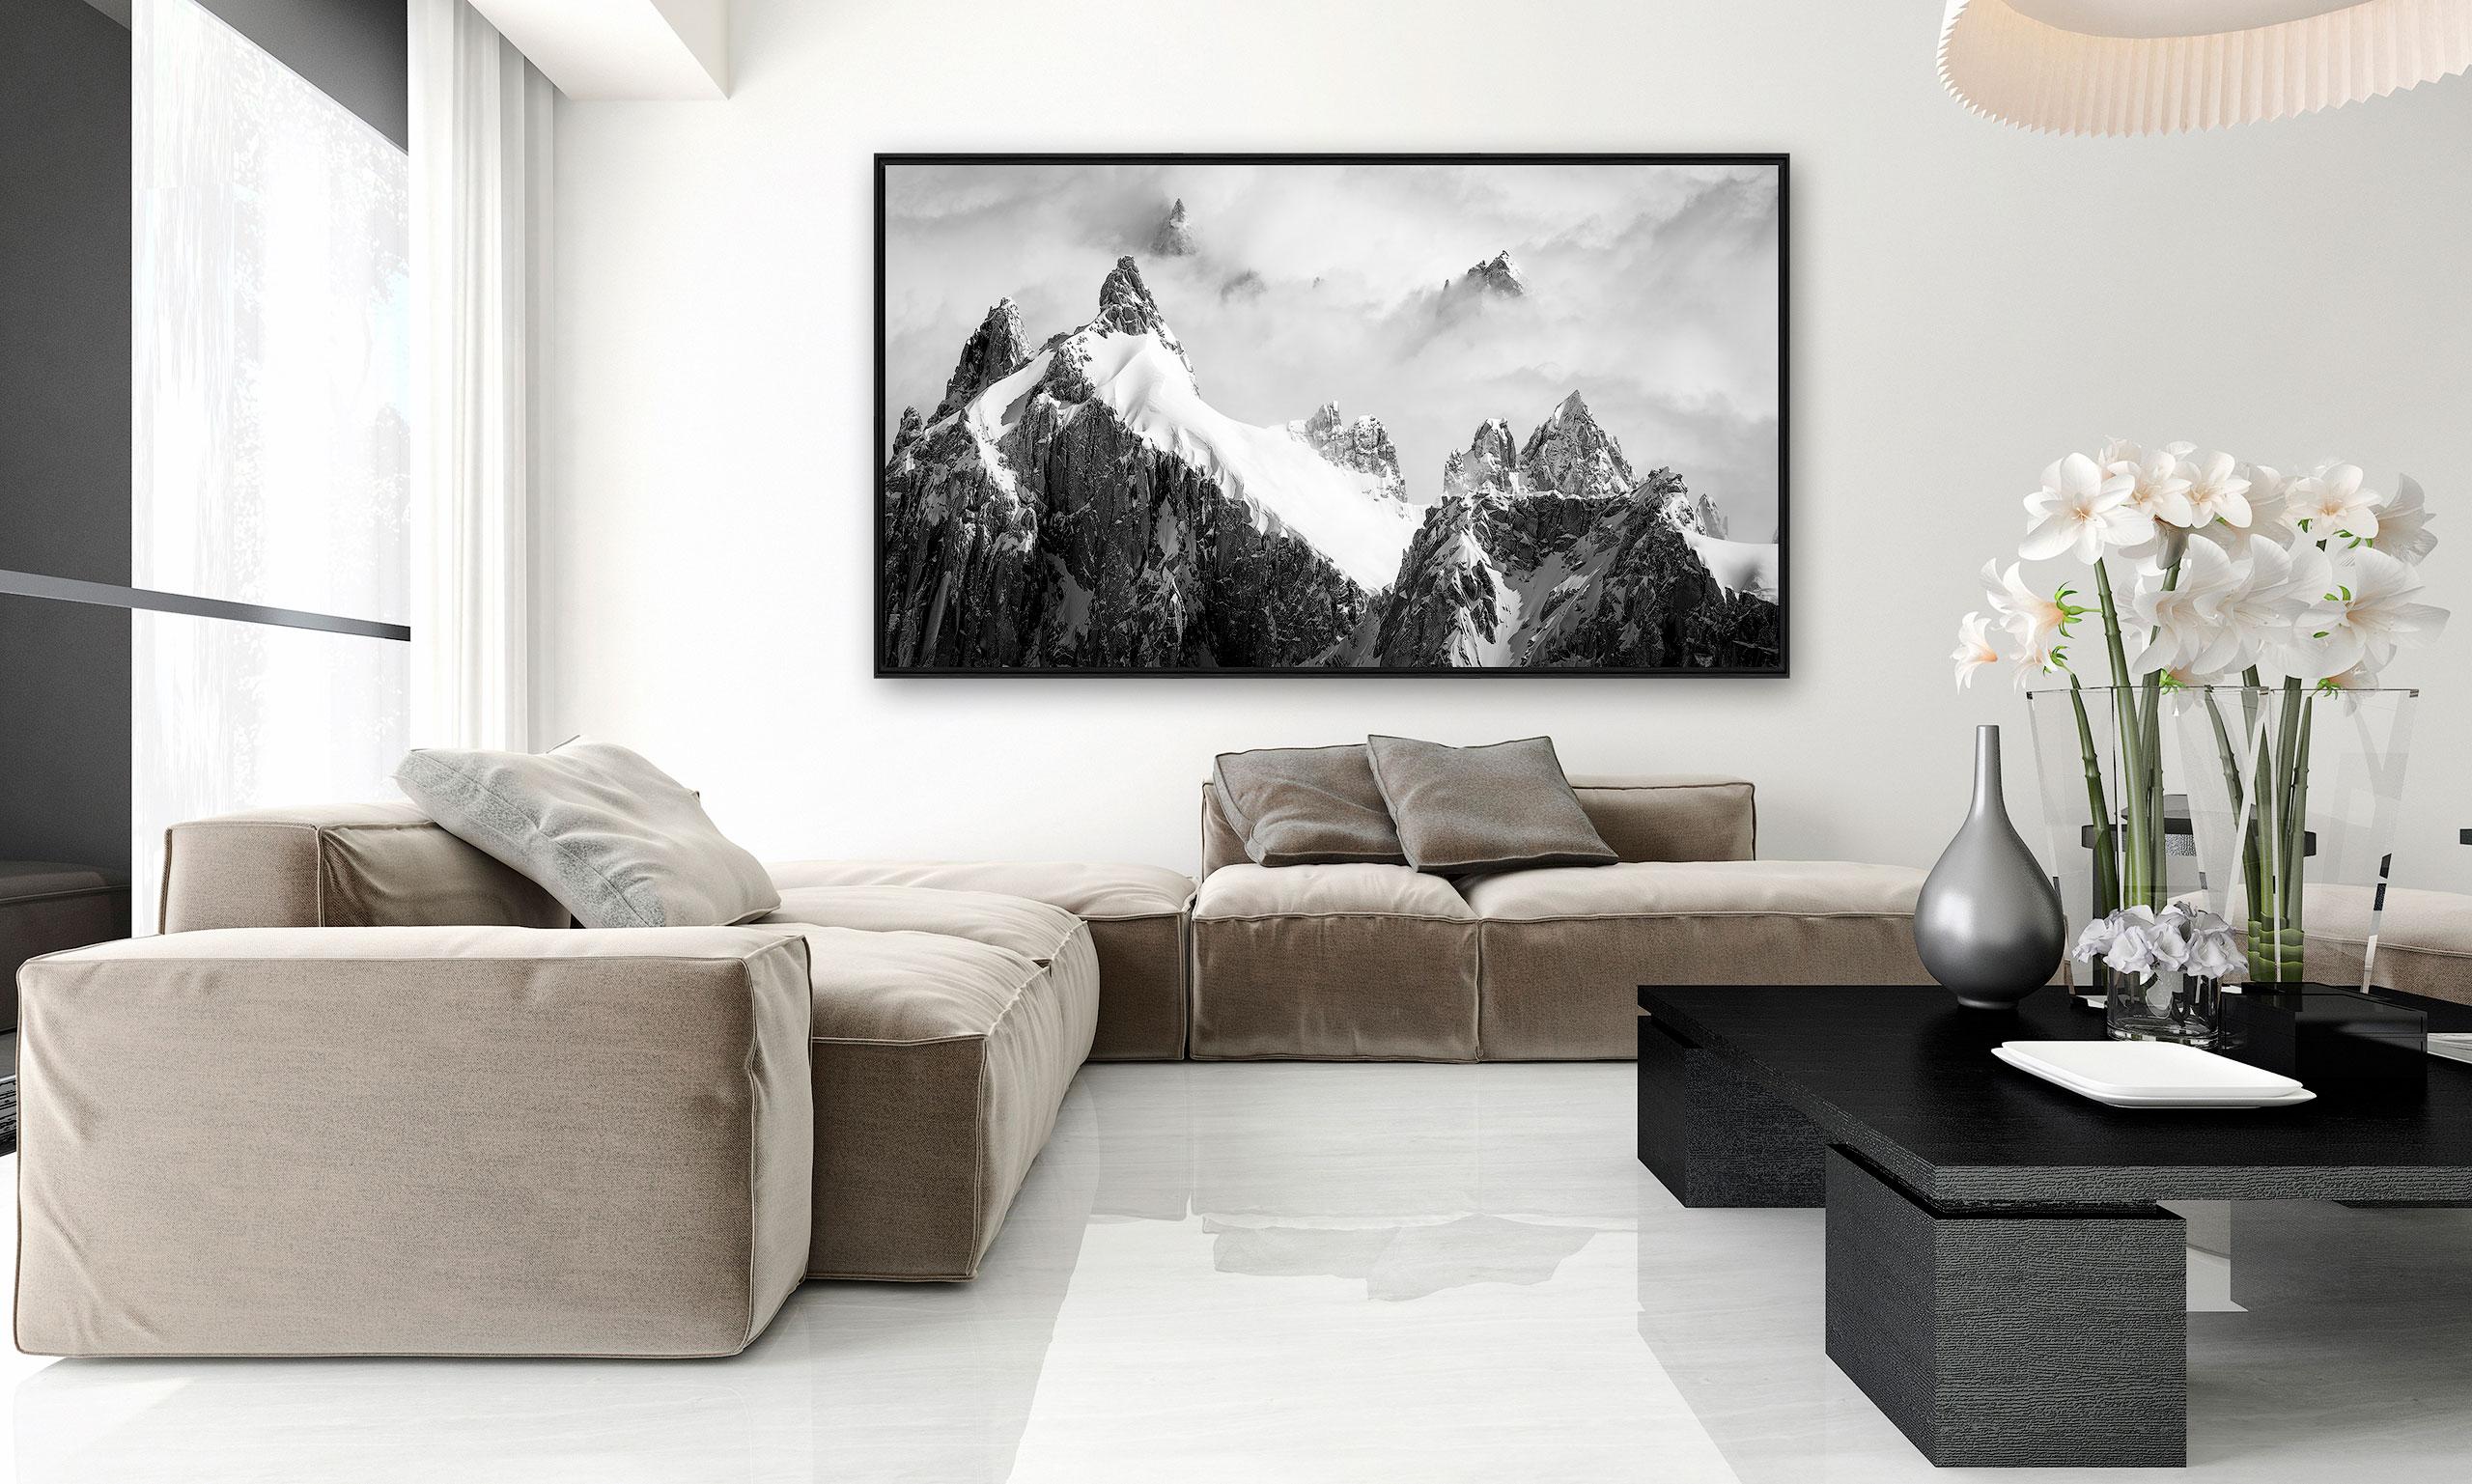 Tableau photo de montagne en noir et blanc dans un intérieur de salon